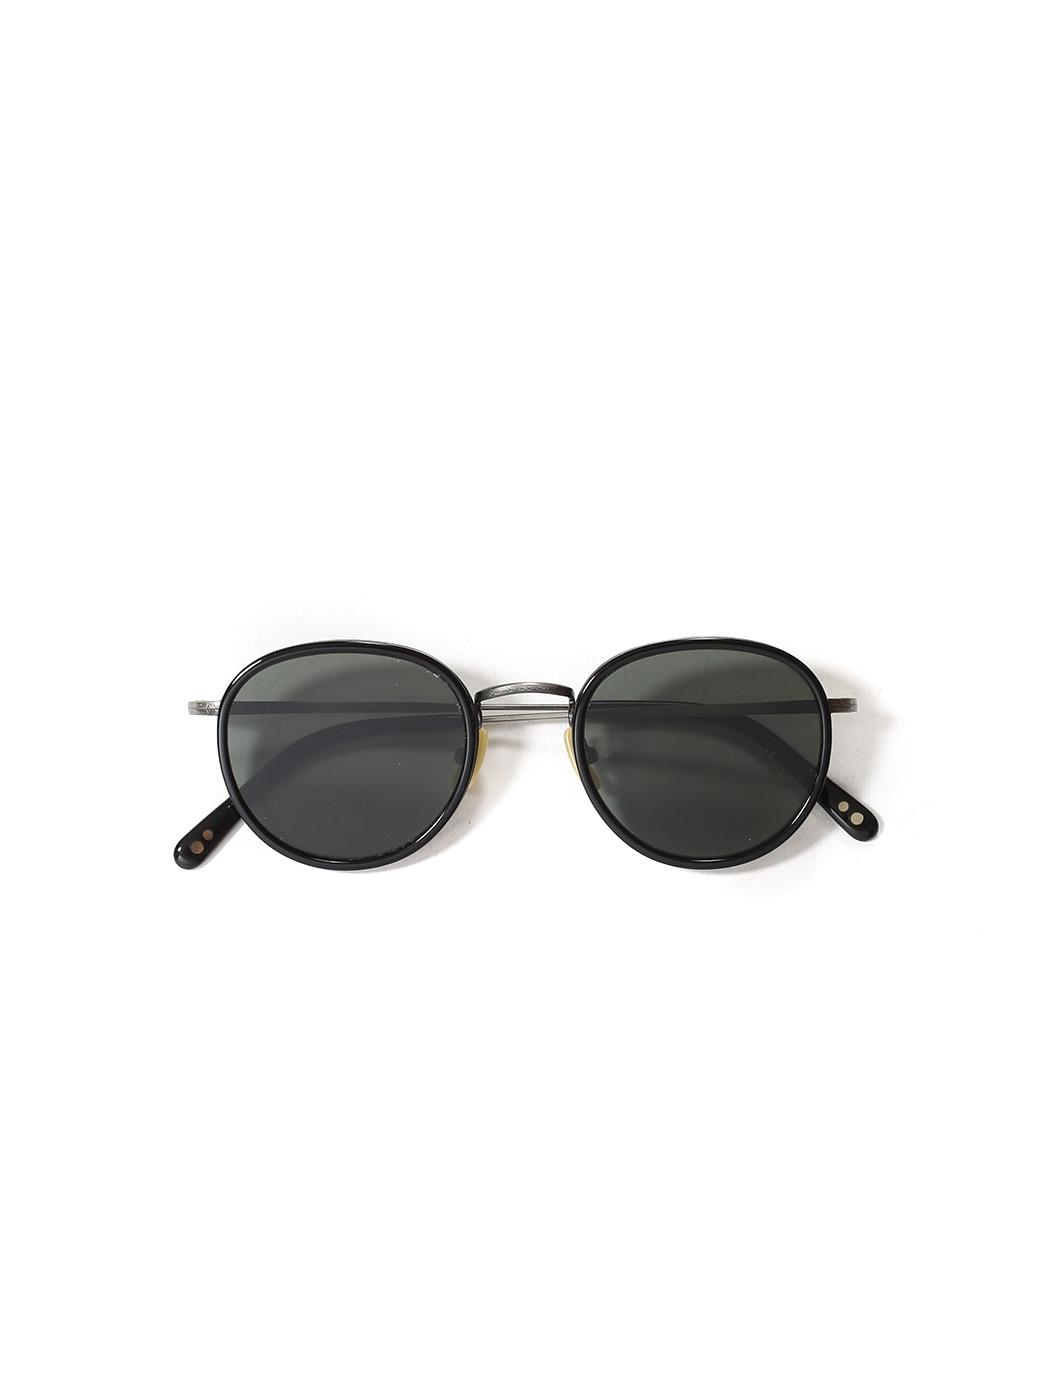 louise paris lesca lunetier lunettes de soleil alo25. Black Bedroom Furniture Sets. Home Design Ideas